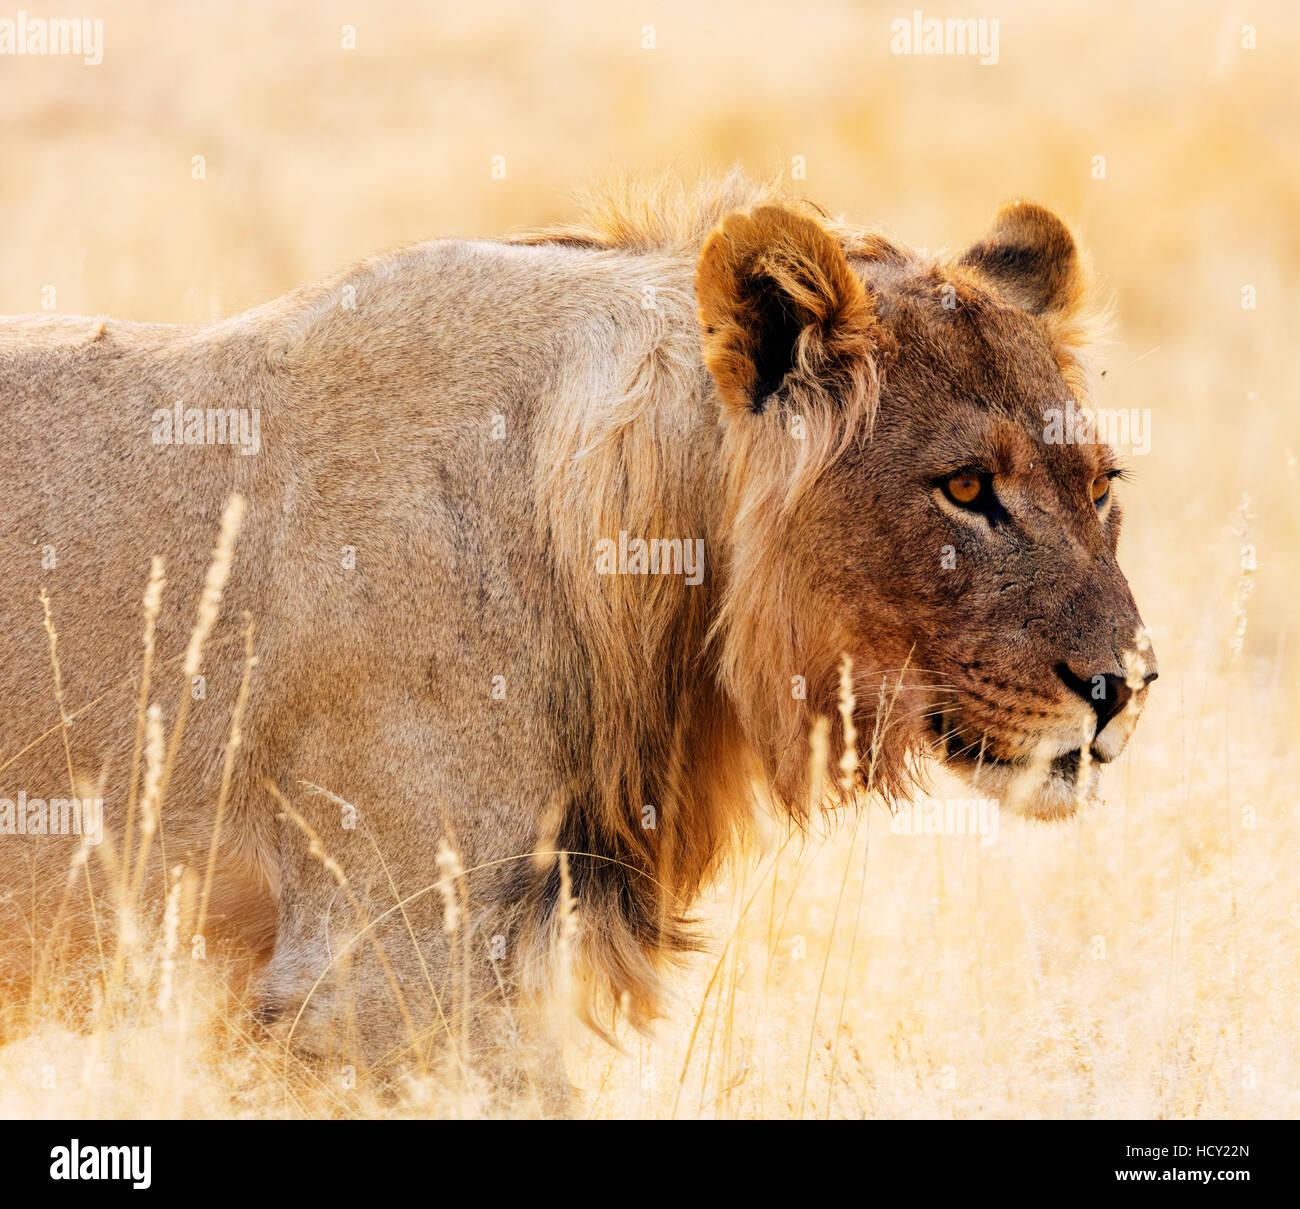 Young lion (Panthera leo), Kgalagadi Transfrontier Park, Kalahari, Northern Cape, South Africa, Africa - Stock Image